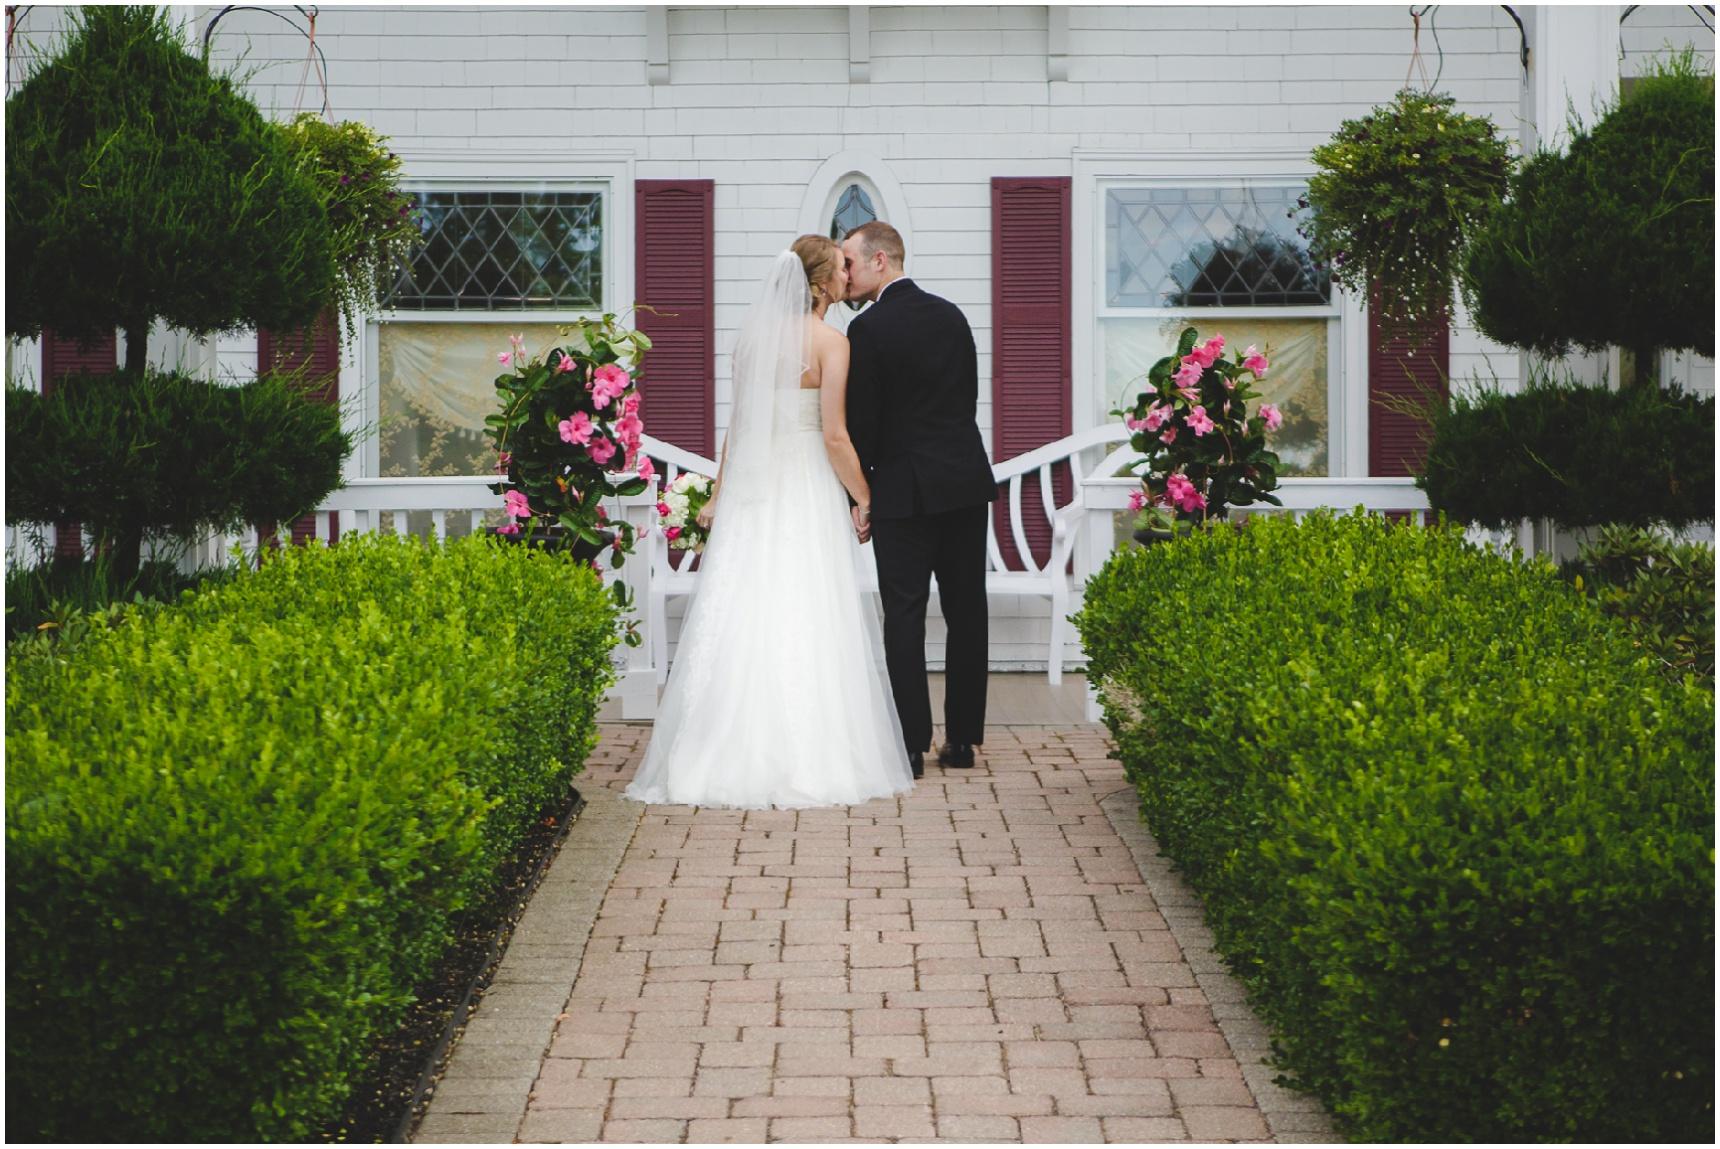 Buffalo-Avanti-Wedding-Photographer_028.jpg